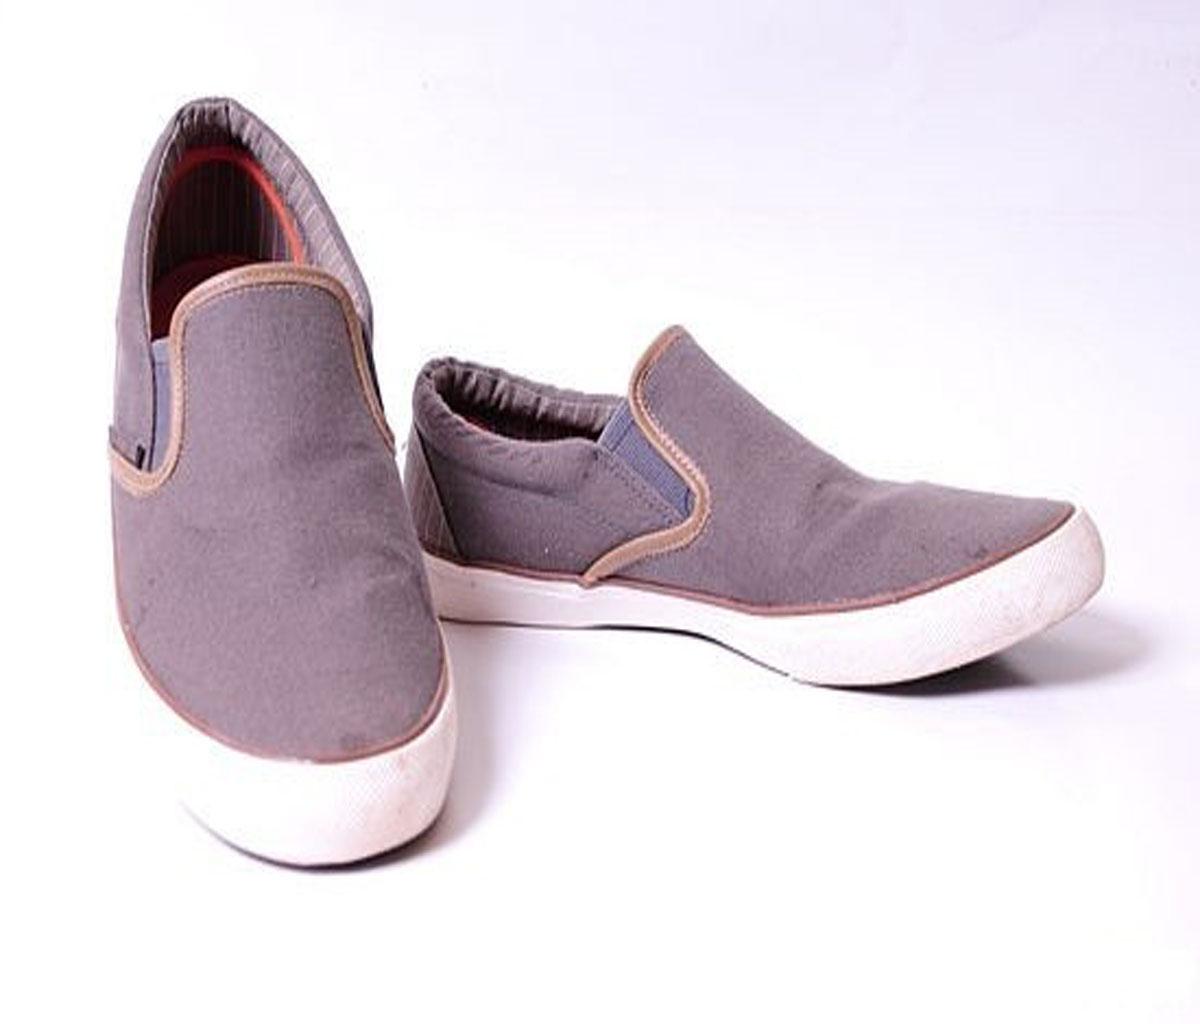 بالصور تفسير حلم لبس الحذاء للمتزوجة , تعرف على رؤيتك فى المنام للبس الحذاء 5944 2